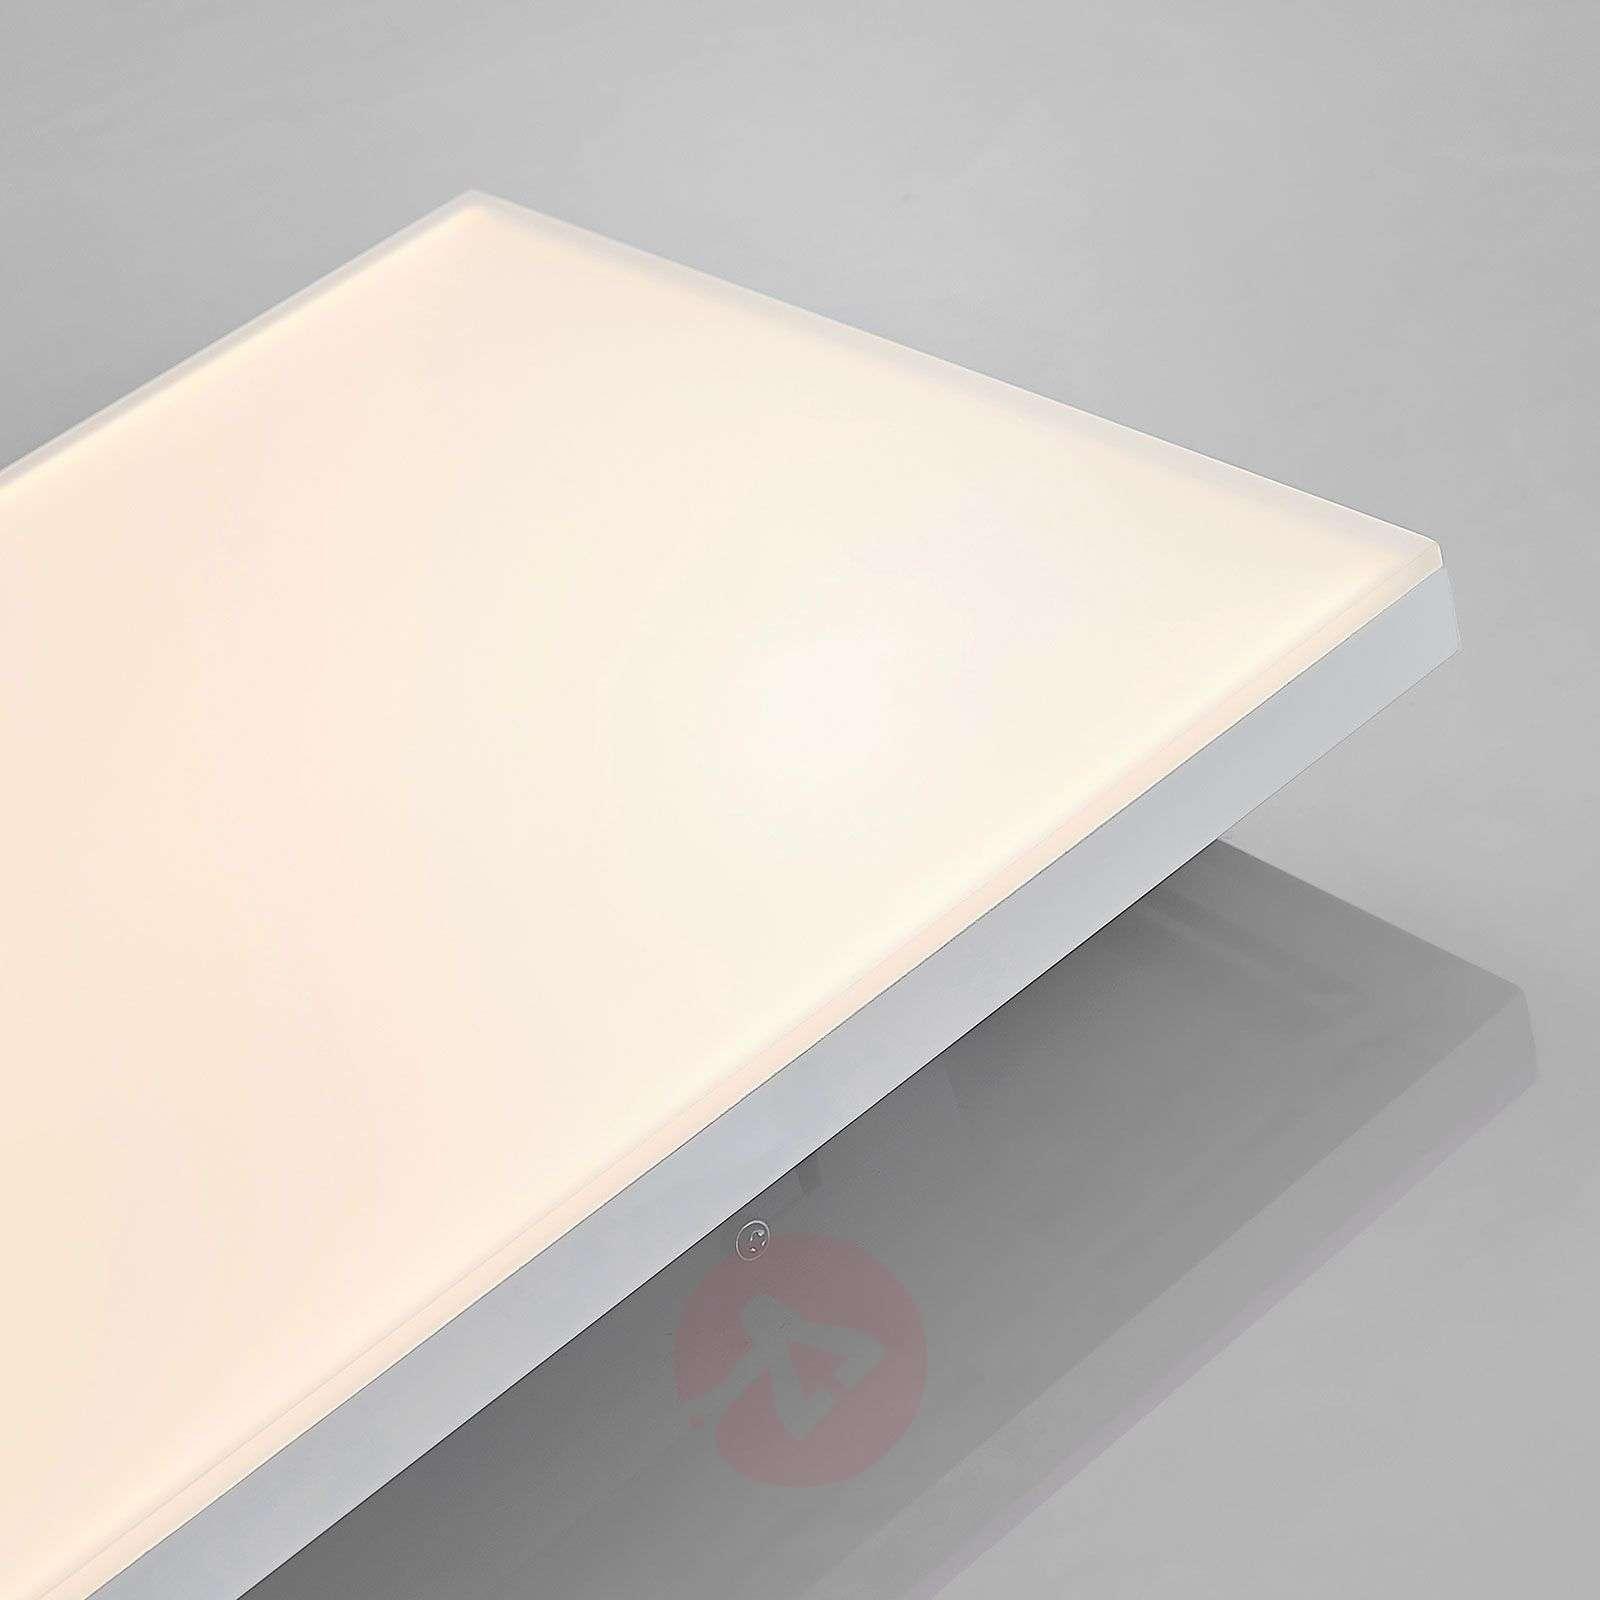 LED-paneeli Blaan CCT, kaukosäädin 59,5x29,5cm-9624328-01